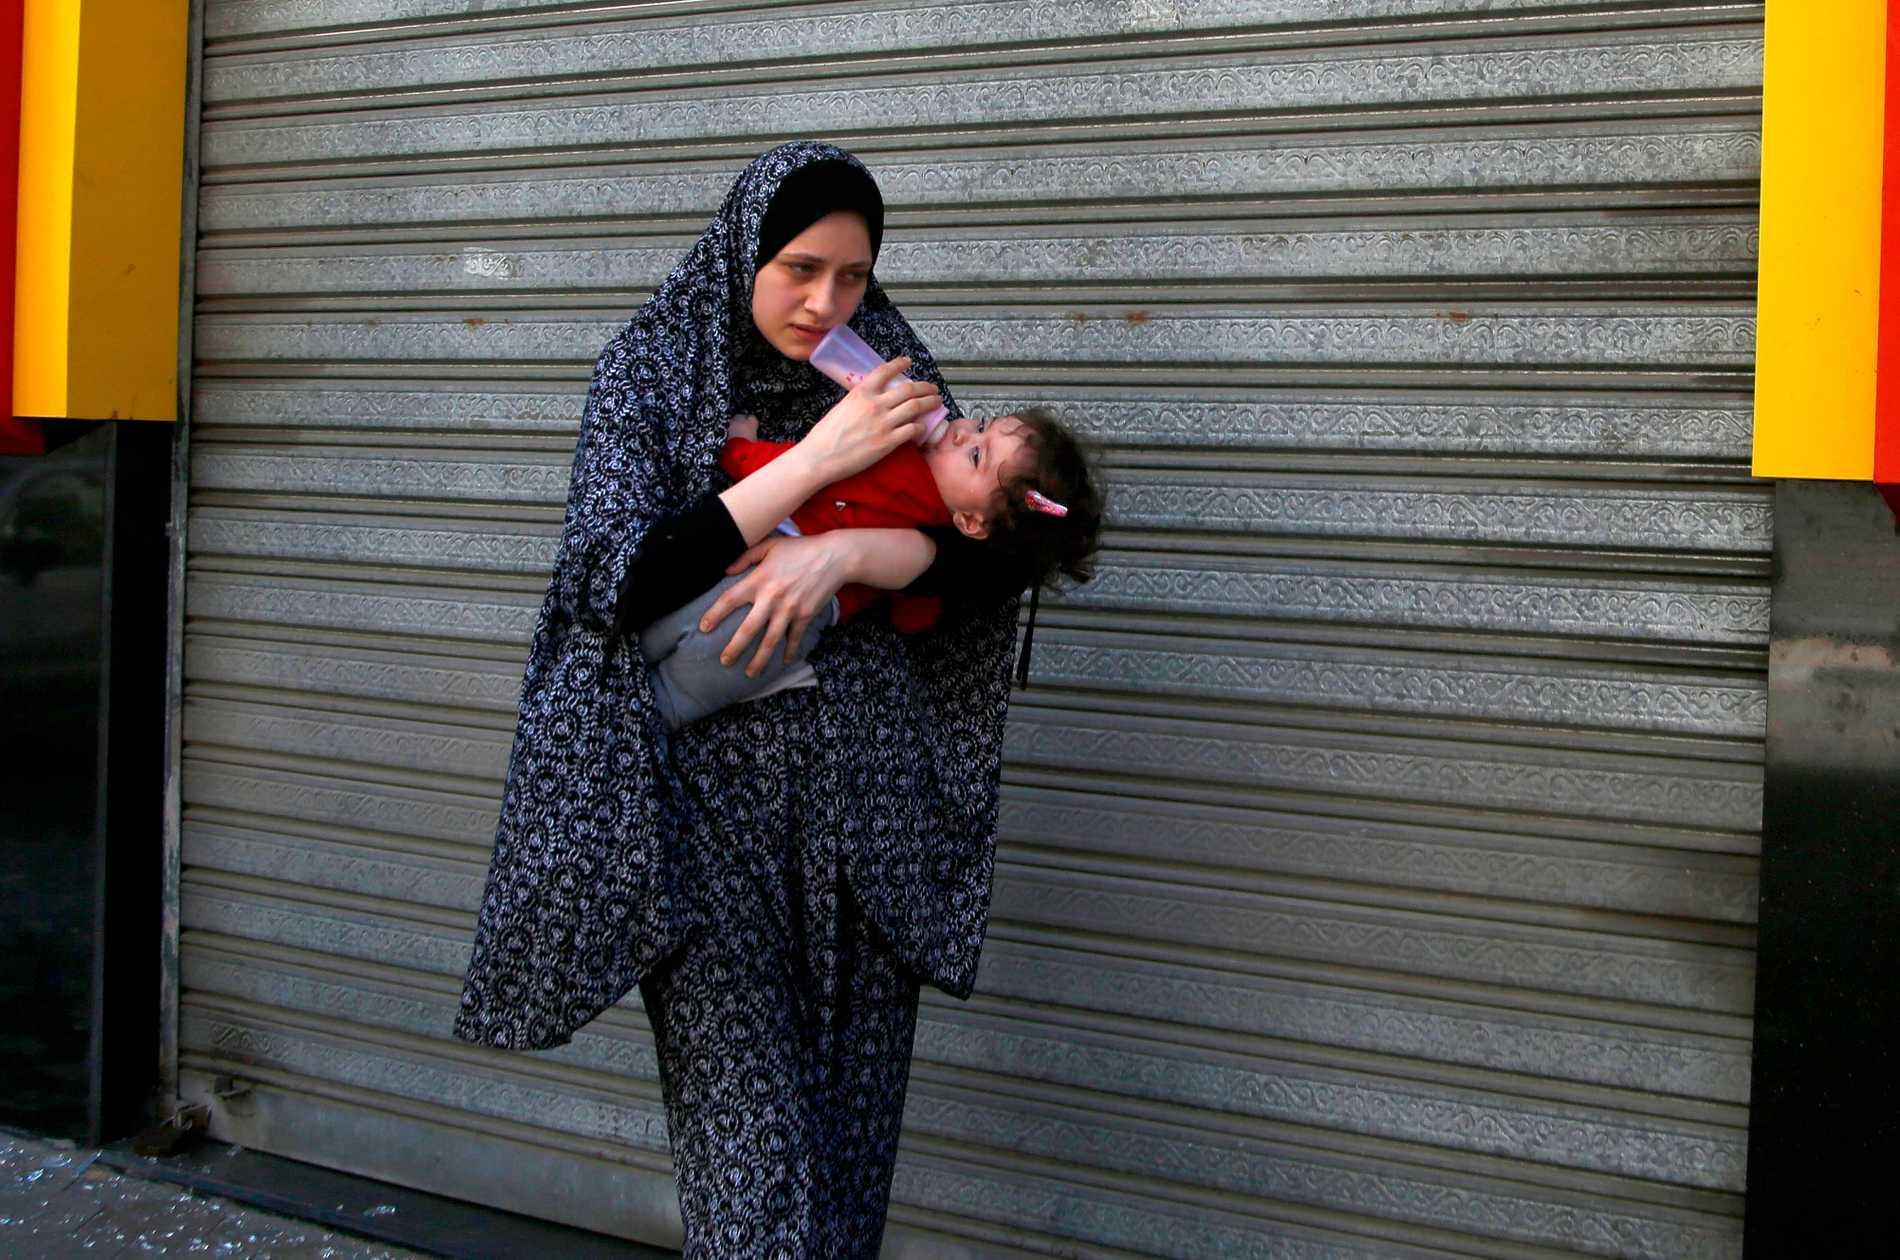 En kvinna boende i mediabyggnaden som bombade på lördagen flyr sitt hem innan bombningen. Israel uppmanade boende att evakuera innan bombningen.